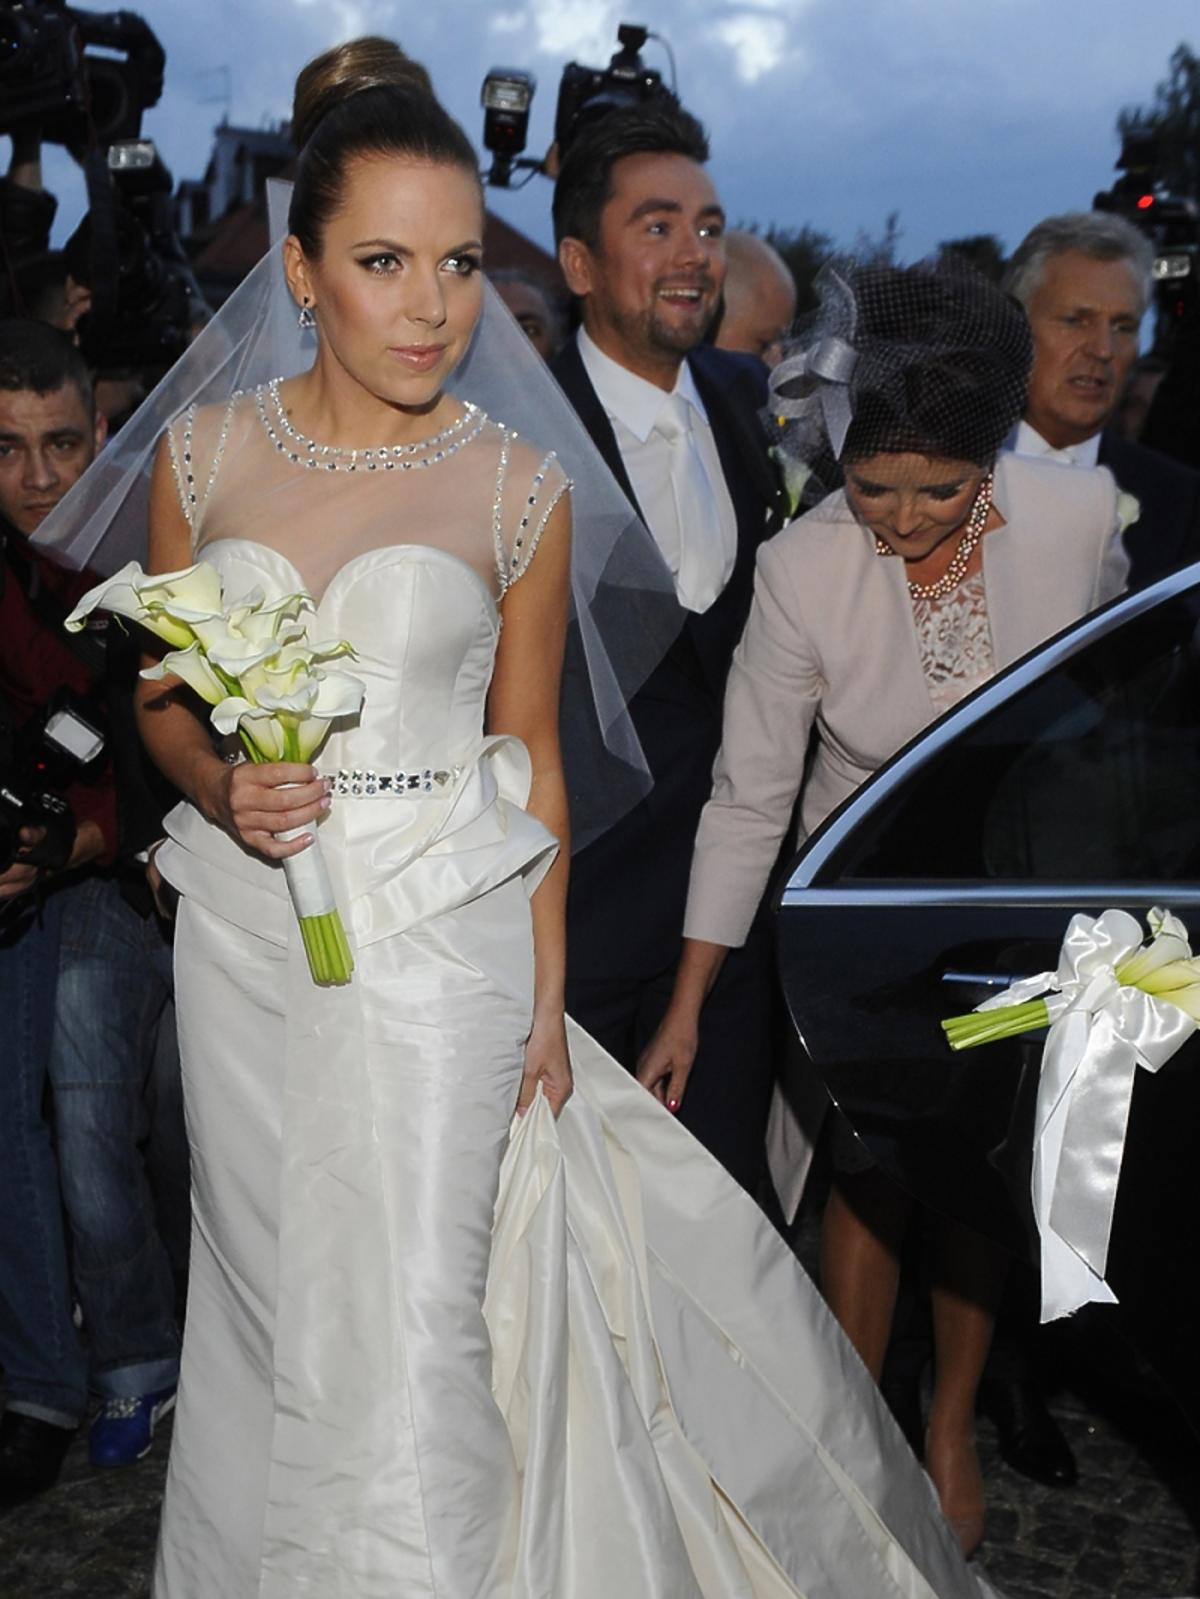 Aleksandra Kwaśniewska w sukni ślubnej w koku z welonem i bukietem kwiatów